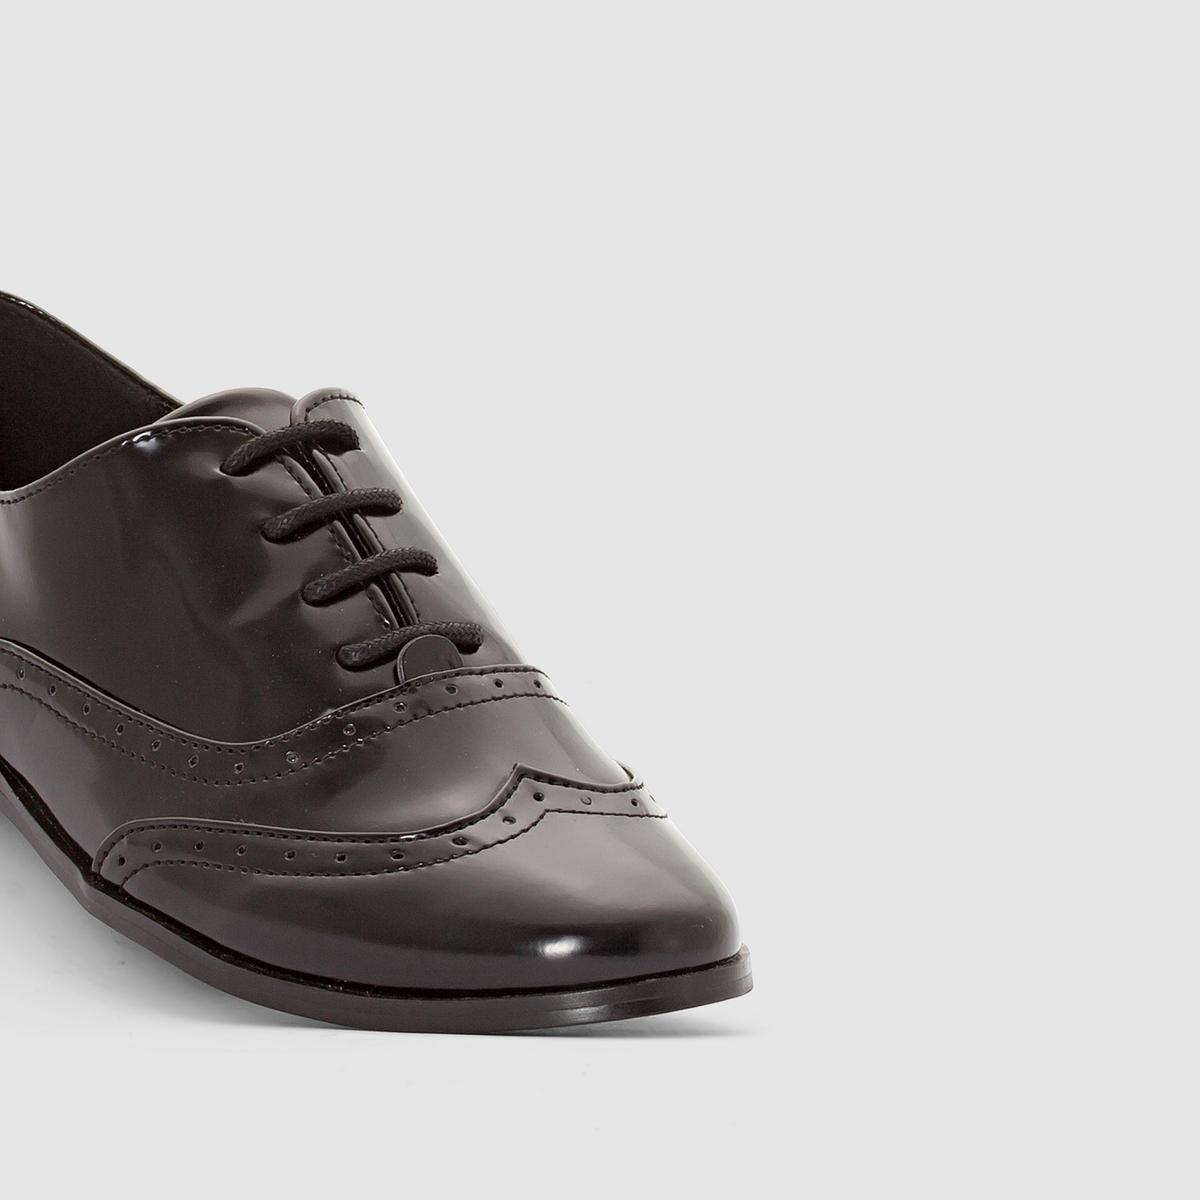 Ботинки-дерби черного цвета с перфорированным мыском